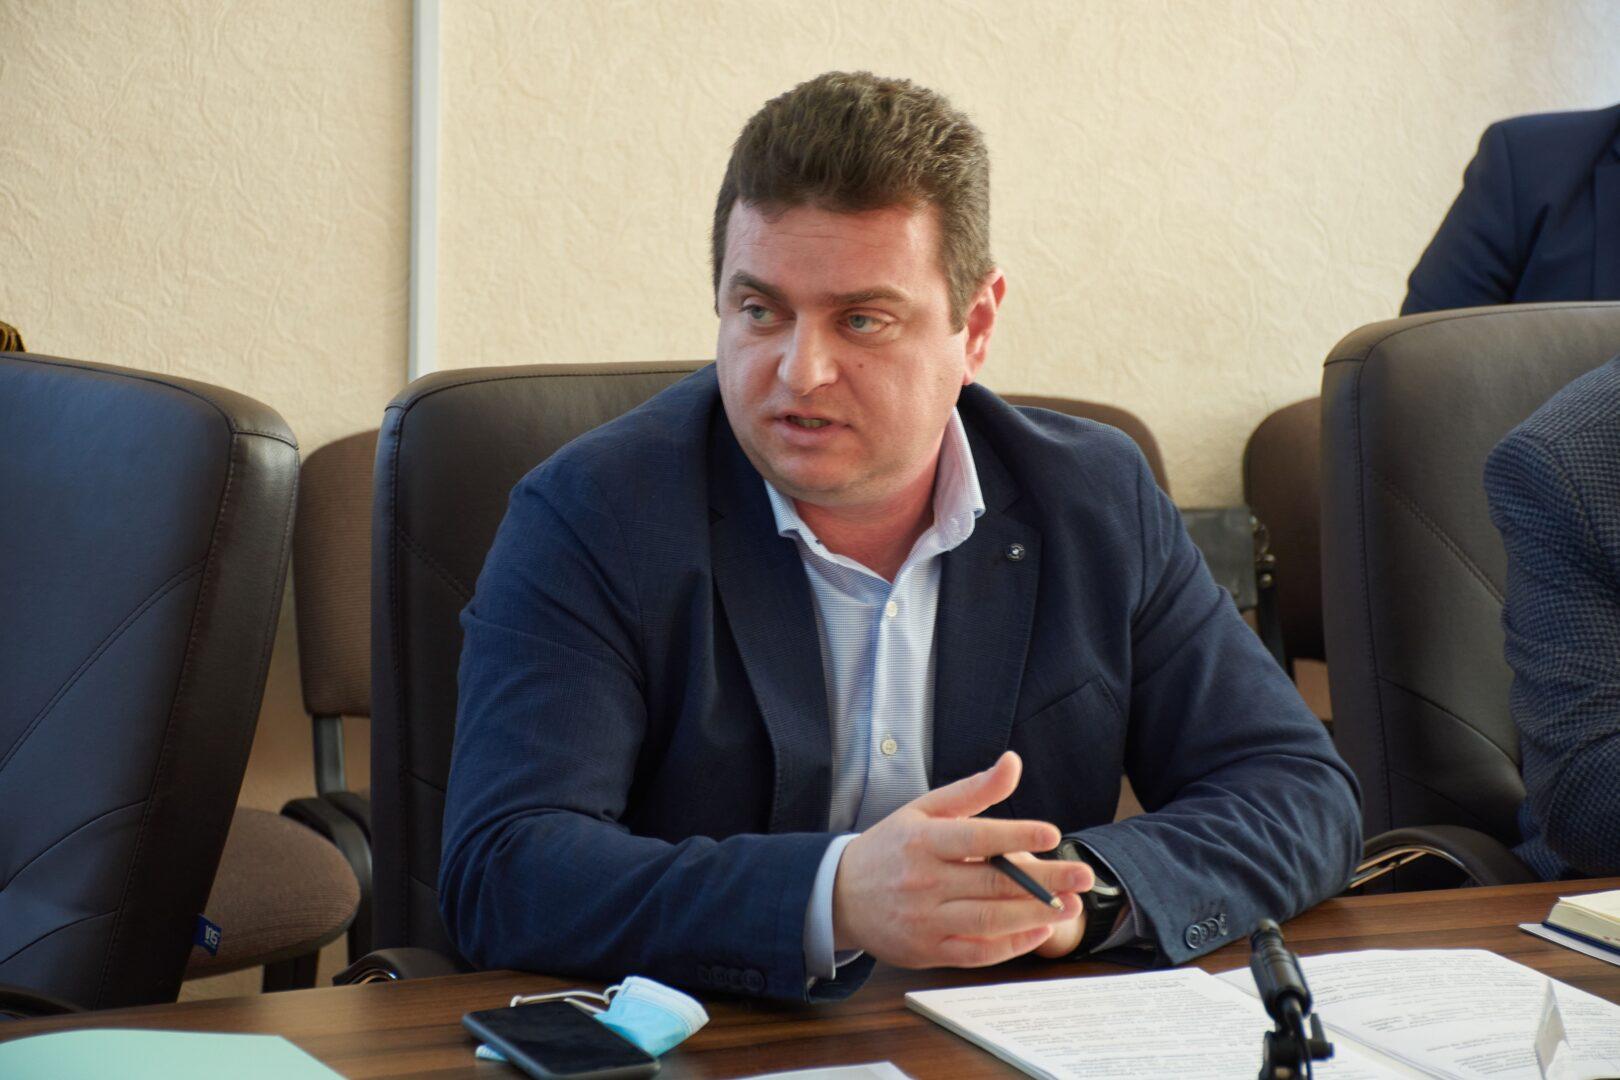 На засіданні колегії розглянули звіт про хід виконання комплексної програми економічного розвитку сільських територій Донецької області на 2018-2020 роки